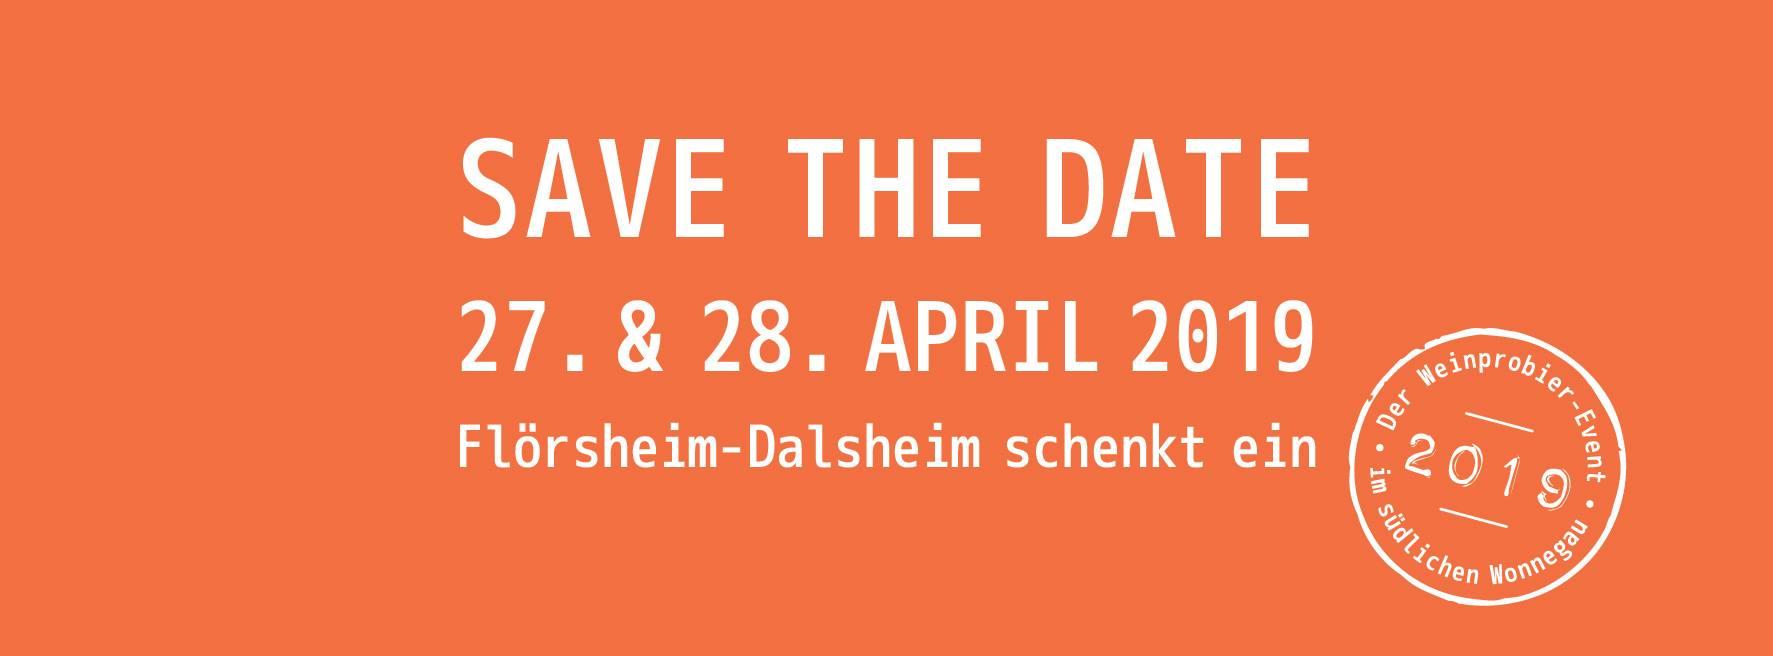 Flörsheim Dalsheim schenkt ein 2019